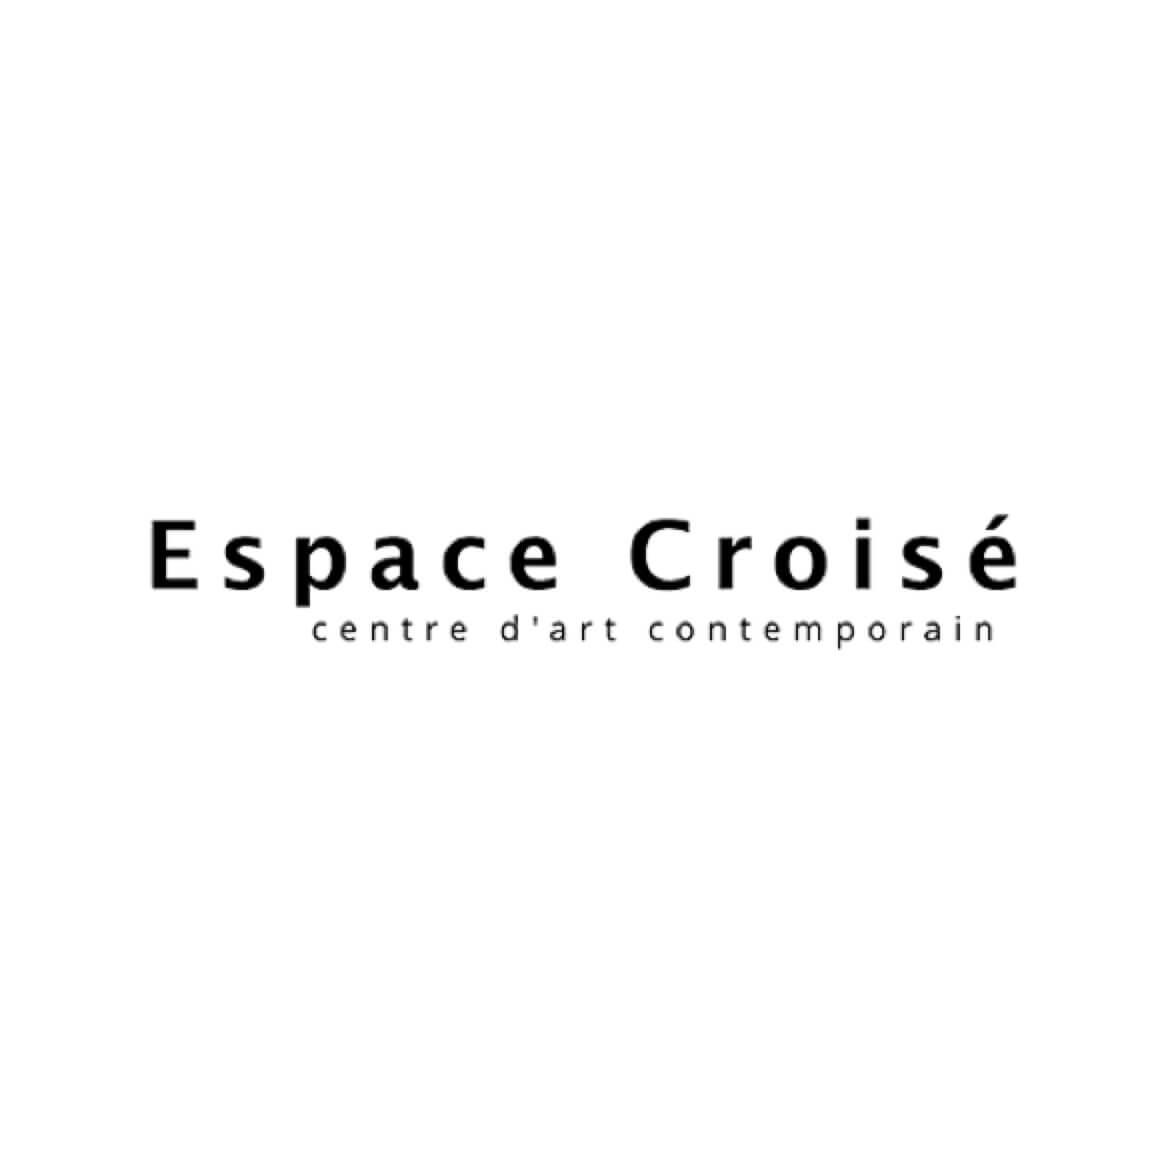 Espace Croisé